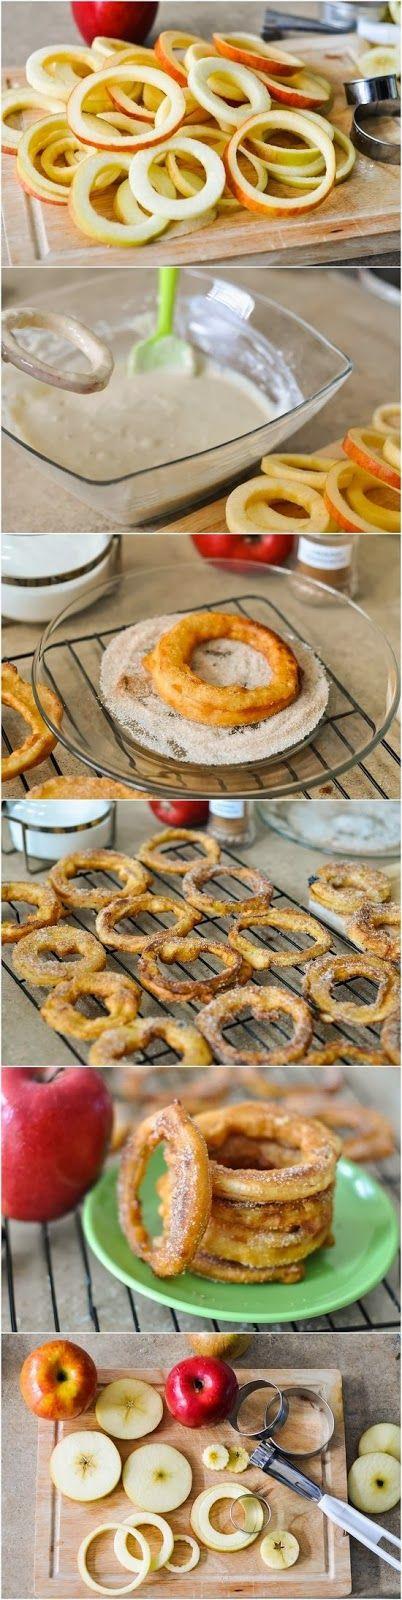 303Pixels: Apple Cinnamon Rings